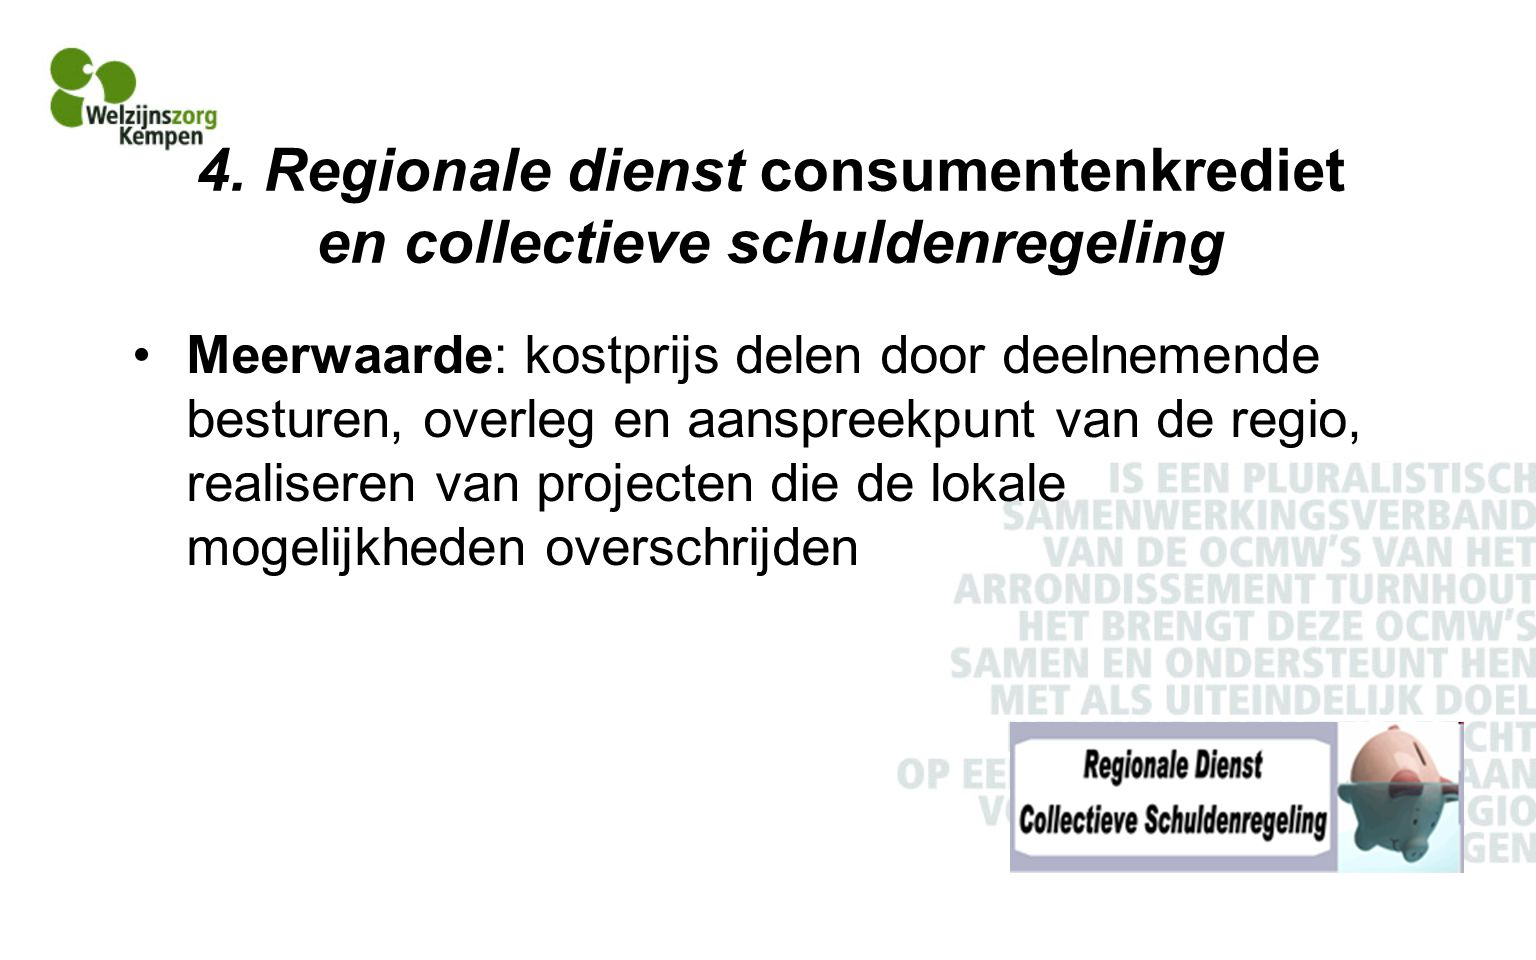 4. Regionale dienst consumentenkrediet en collectieve schuldenregeling